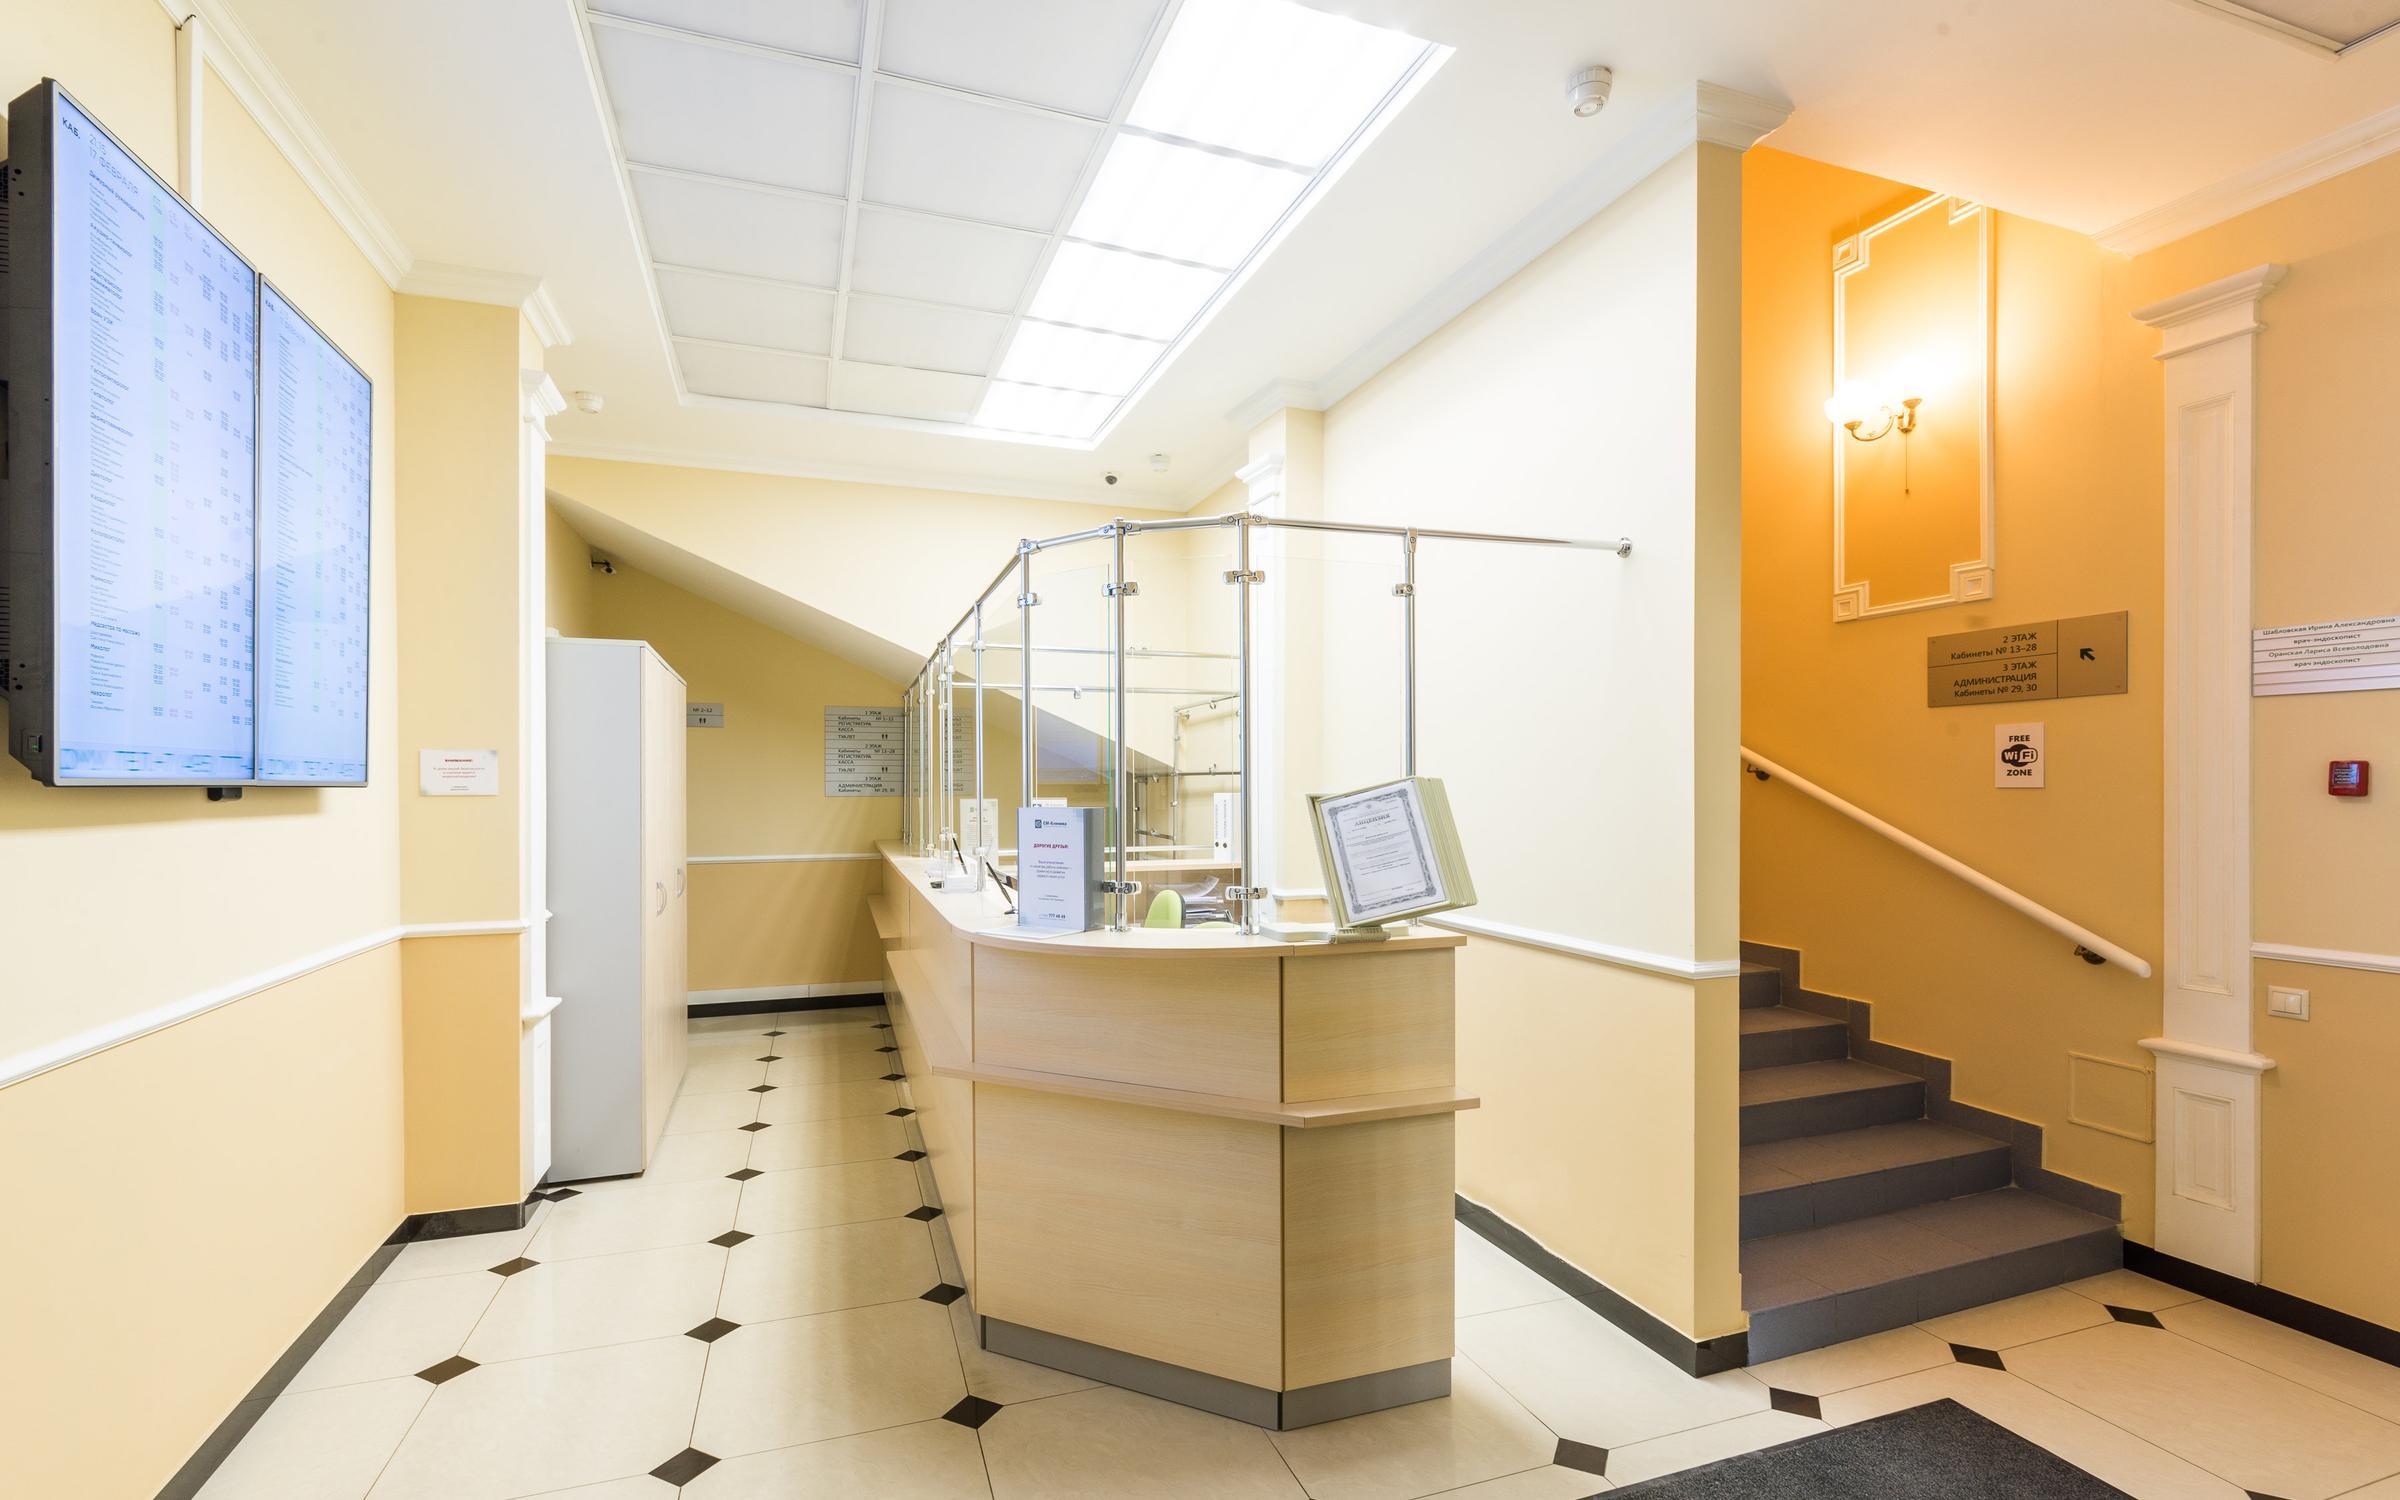 фотография Многопрофильного центра СМ-Клиника во 2-м Сыромятническом переулке